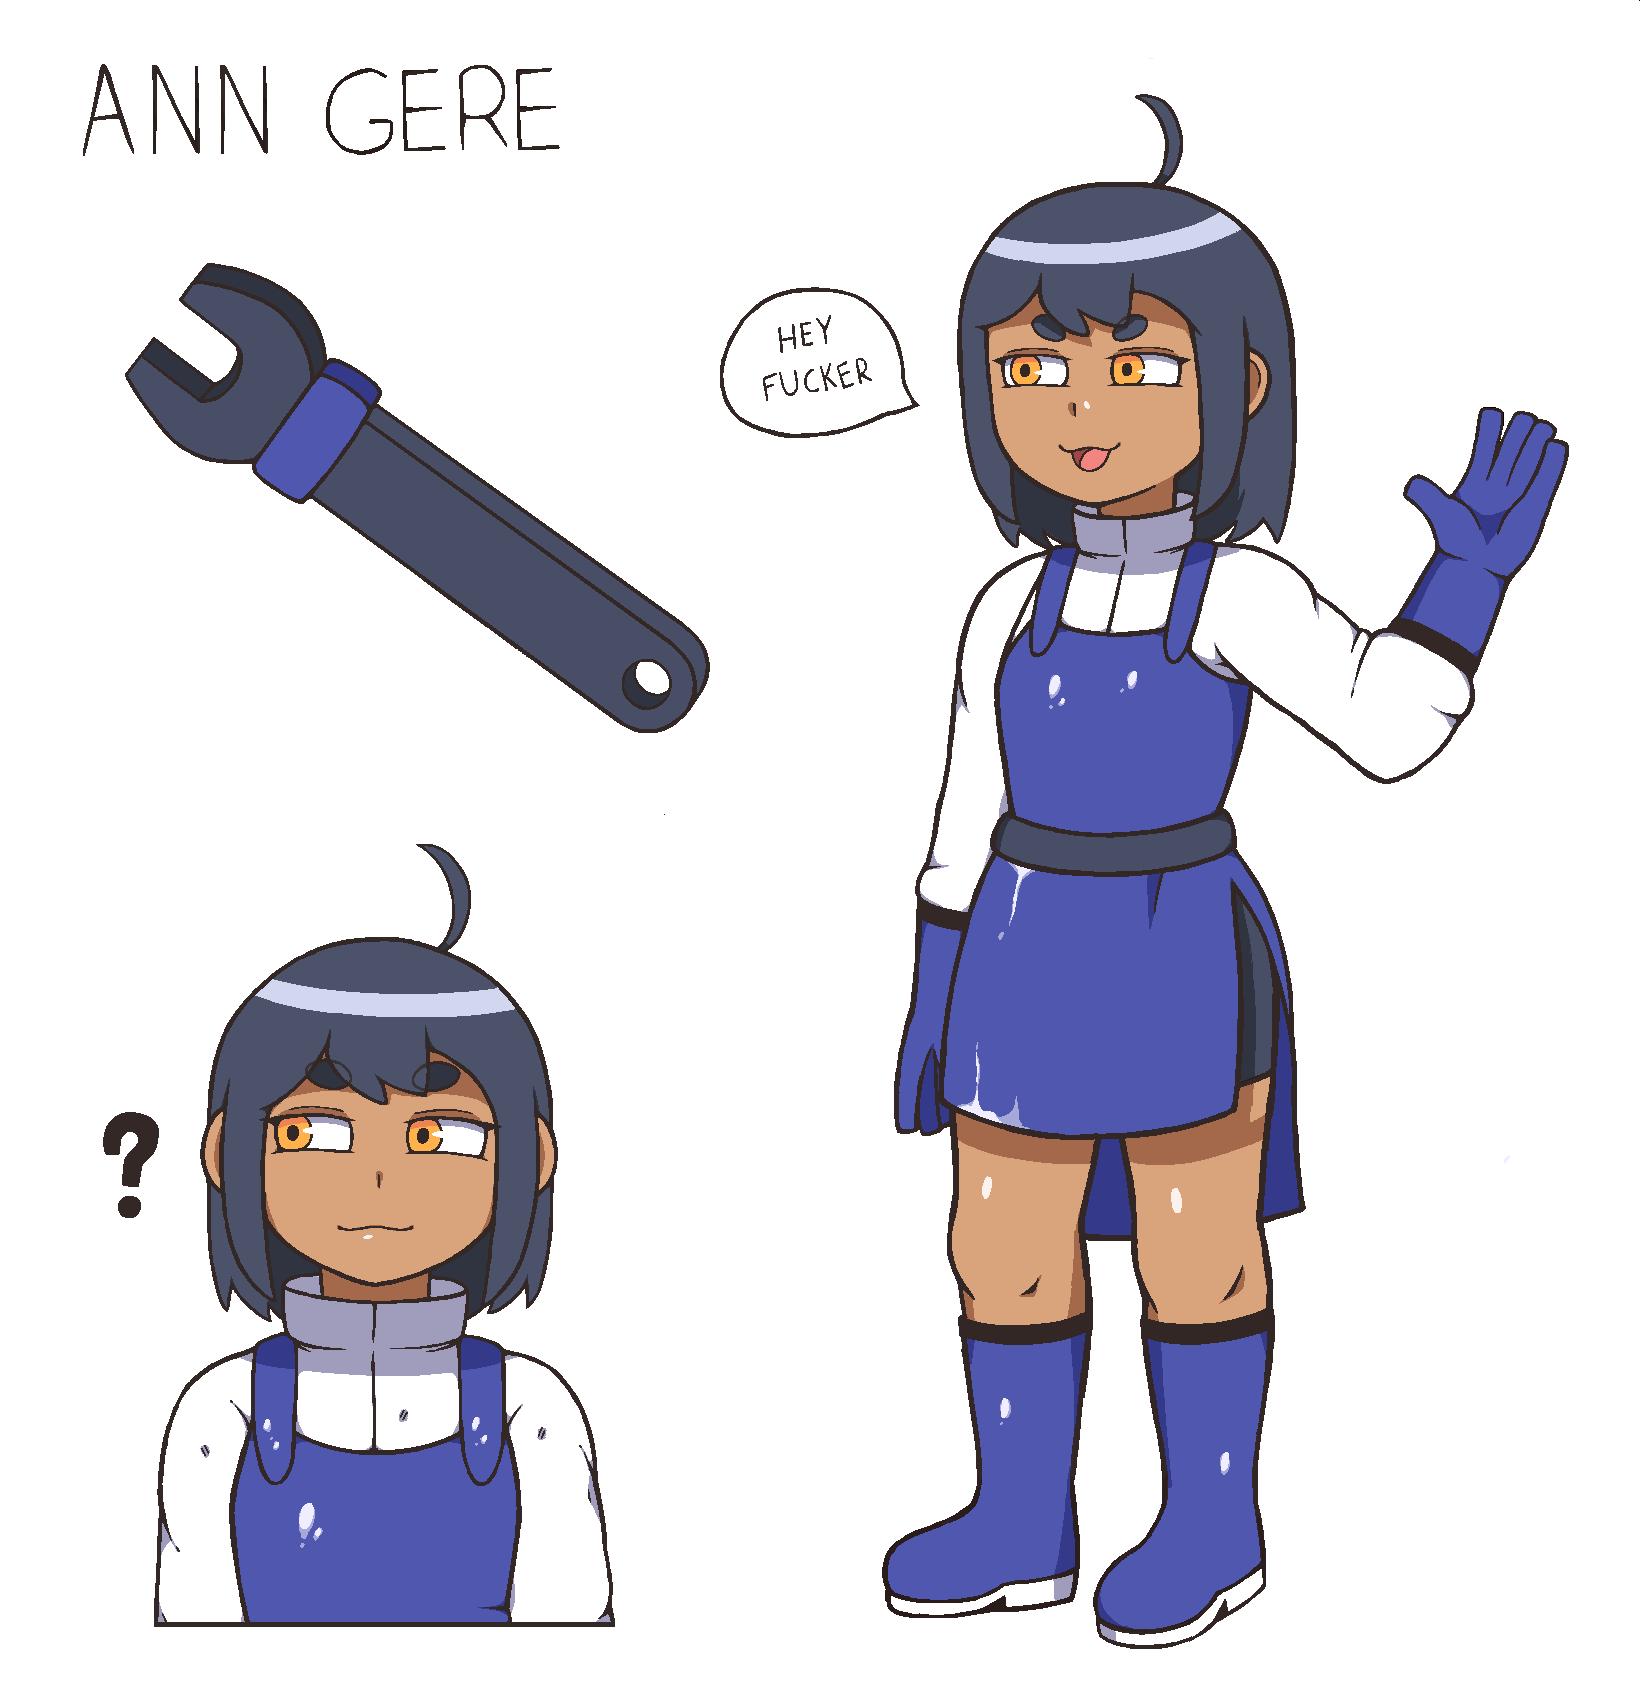 Ann Gere